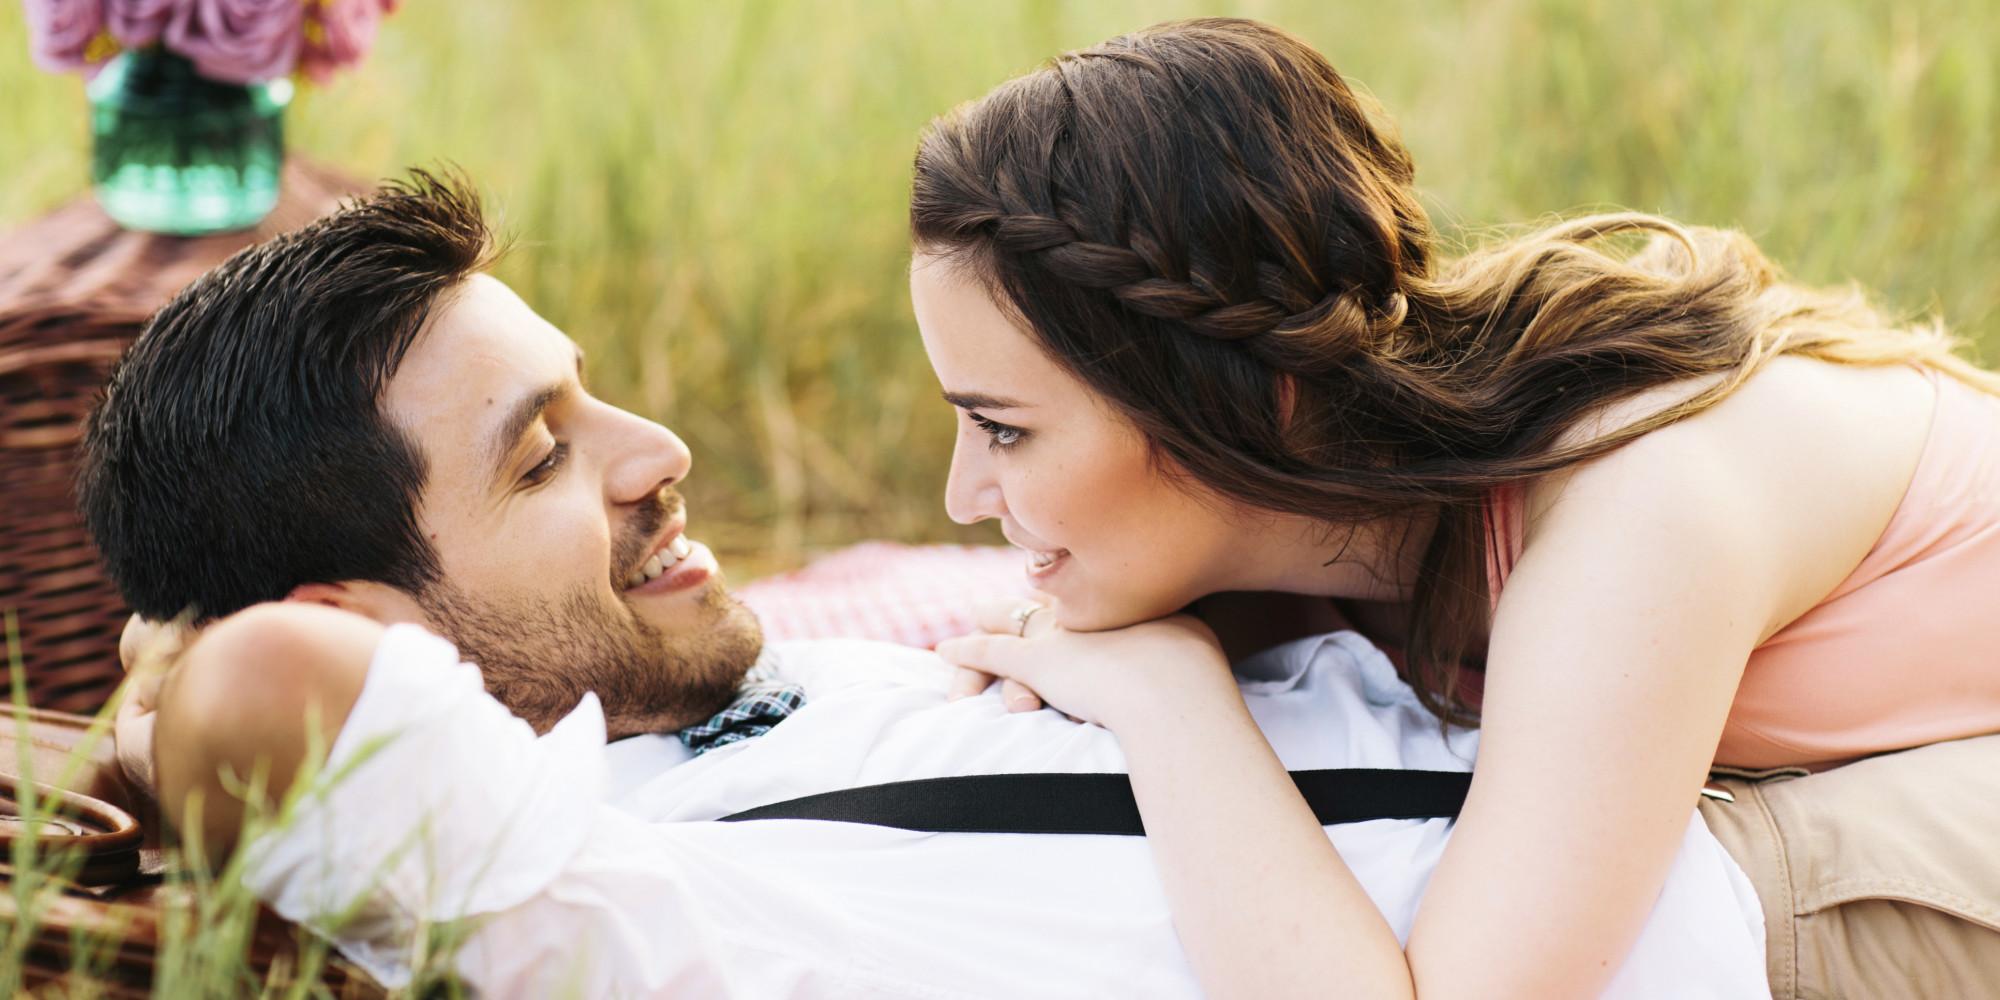 بالصور صور رومانسية ساخنة , اجمل صور رومانسيه 2152 7